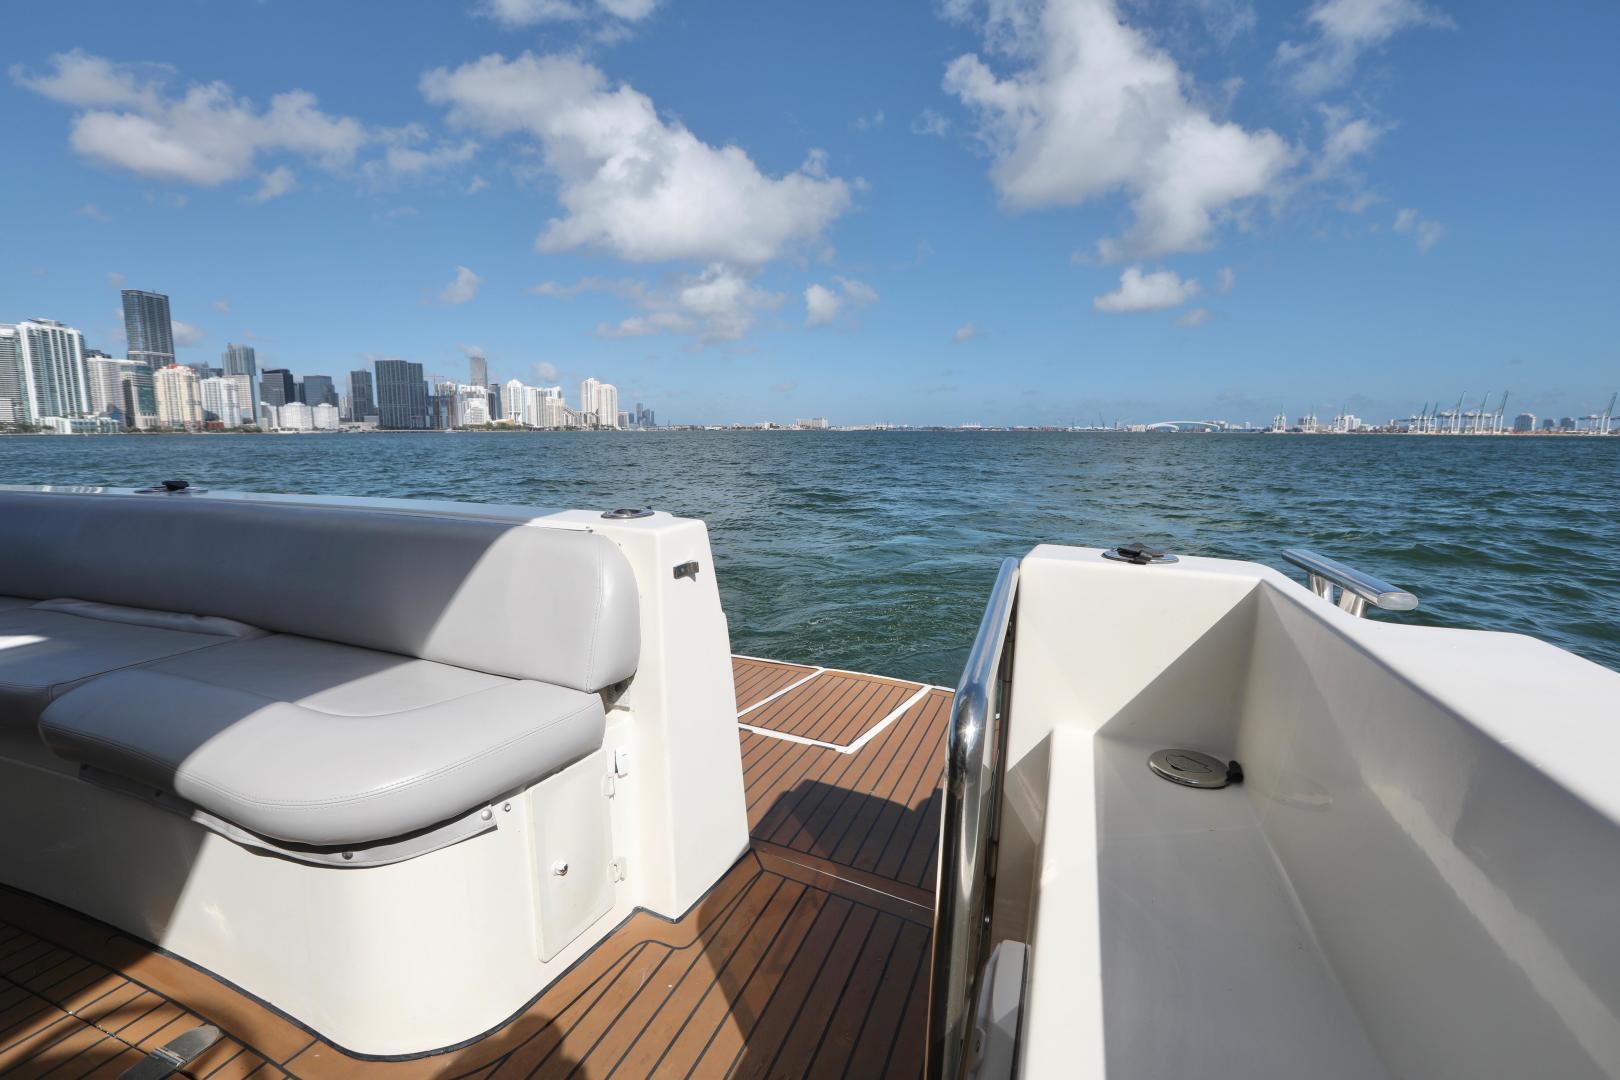 Rodman-Flybridge 2004-La Meli Miami Beach-Florida-United States-1566555 | Thumbnail